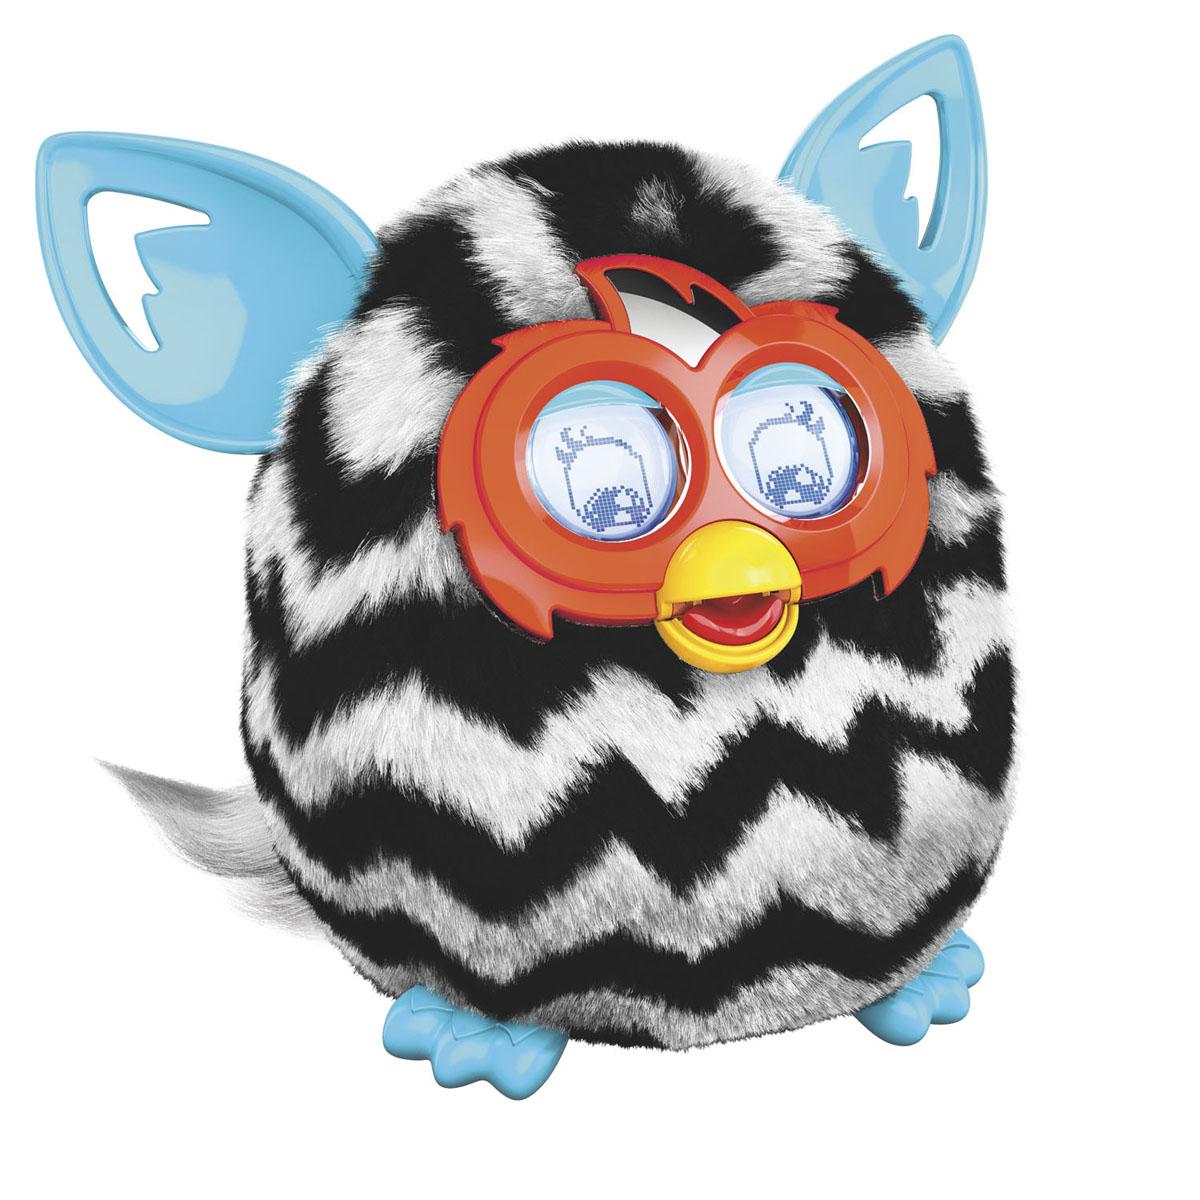 Furby (Фёрби) Boom Интерактивная игрушка Теплая волна (Рисунок зигзаг)A6418_A4342_SolidНовый Ферби, Новое приложение, Новые игры! Осенью 2014! Furby (Ферби) - это уникальная интерактивная игрушка, которая станет отличным подарком и другом, как для детей, так и для взрослых. Интерактивный домашний питомец ответит взаимностью на дружеское общение. Разговаривает игрушка на языке Ферби и русском языке. У Ферби большие торчащие ушки, способные дергаться и вибрировать, а глаза представляют собой пару интерактивных ЖК-экранов с подсветкой и механическими веками. Это позволяет игрушке достаточно реалистично моргать, озираться и мимически реагировать на звуки. Разговаривайте с Ферби, располагайте его лицом к себе, чем вы ближе к игрушке, тем легче Ферби вас услышать. Чтобы он лучше на вас реагировал, выключите все фоновые шумы. Кормите Ферби с помощью пальца, закомте его с другими Ферби, трясите, разговаривайте, качайте, включайте для него музыку, держите его, переворачивайте, гладьте и щекочите животик или тяните за хвост. Чтобы Ферби...